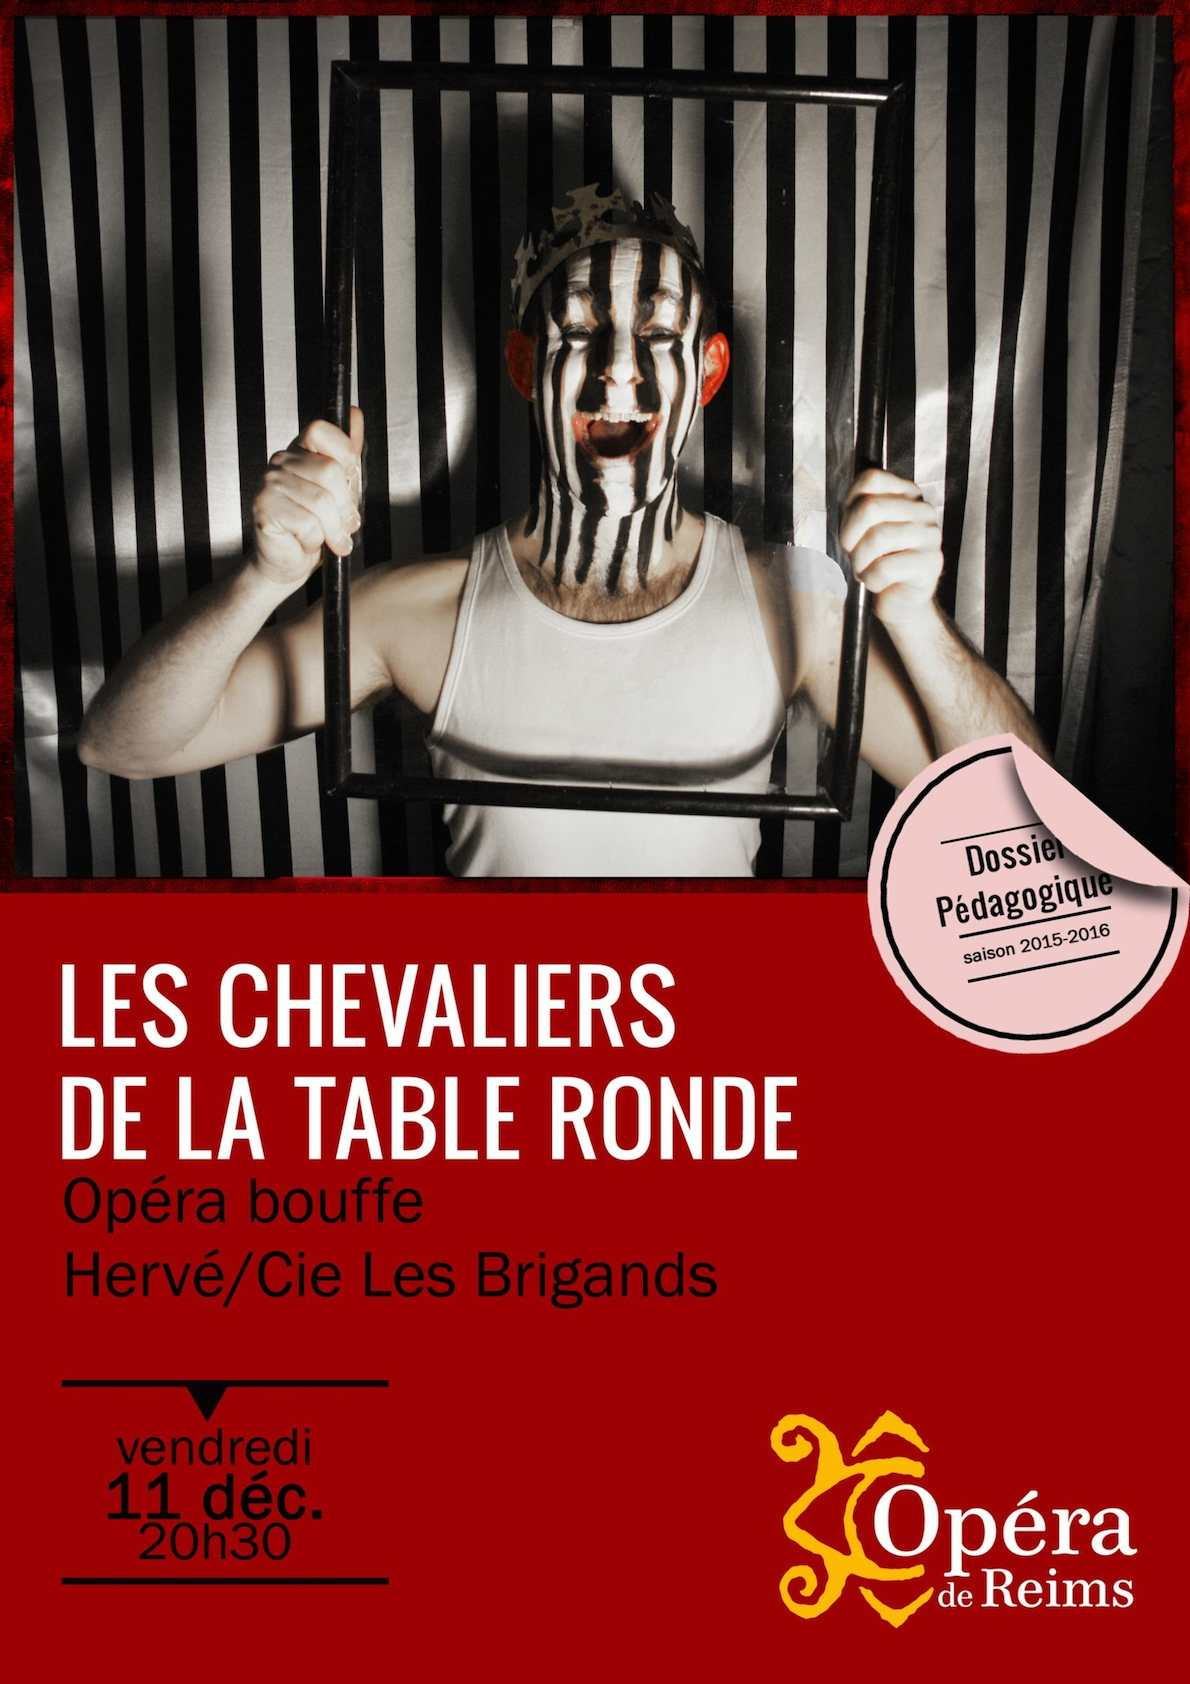 Calam o carnet d 39 opera les chevaliers de la table ronde - Keu chevalier de la table ronde ...